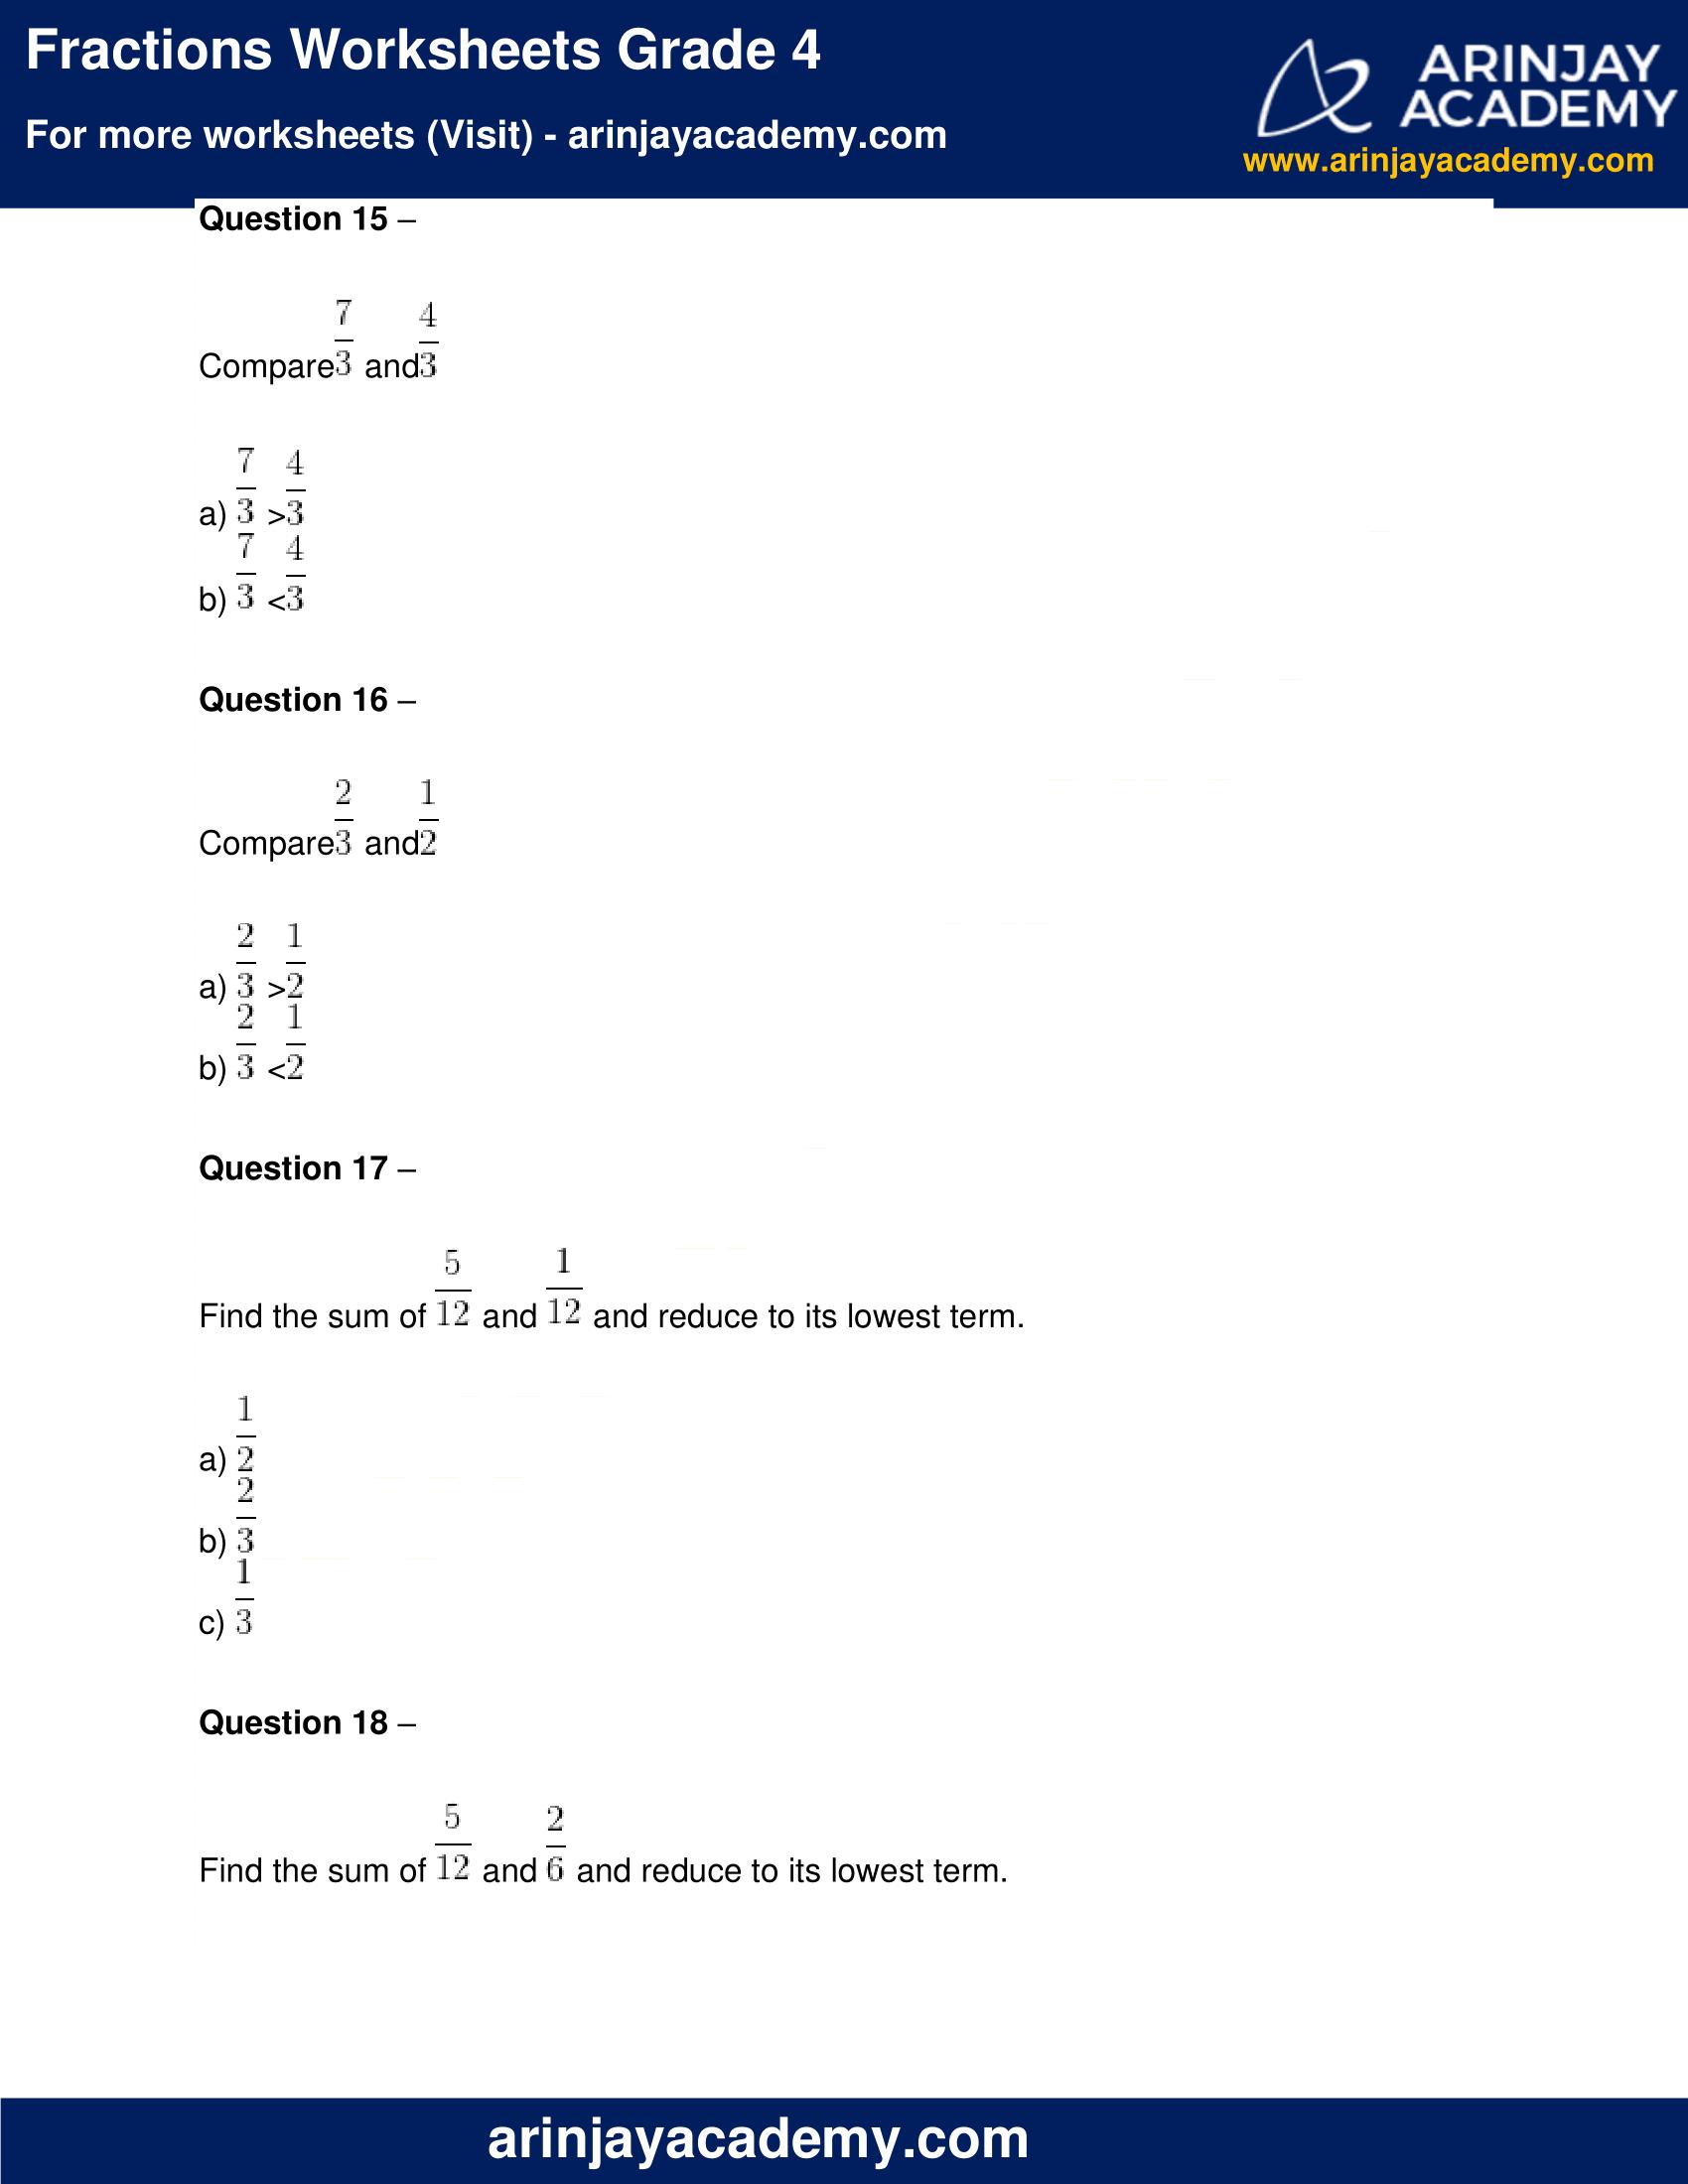 Fractions Worksheets Grade 4 image 5